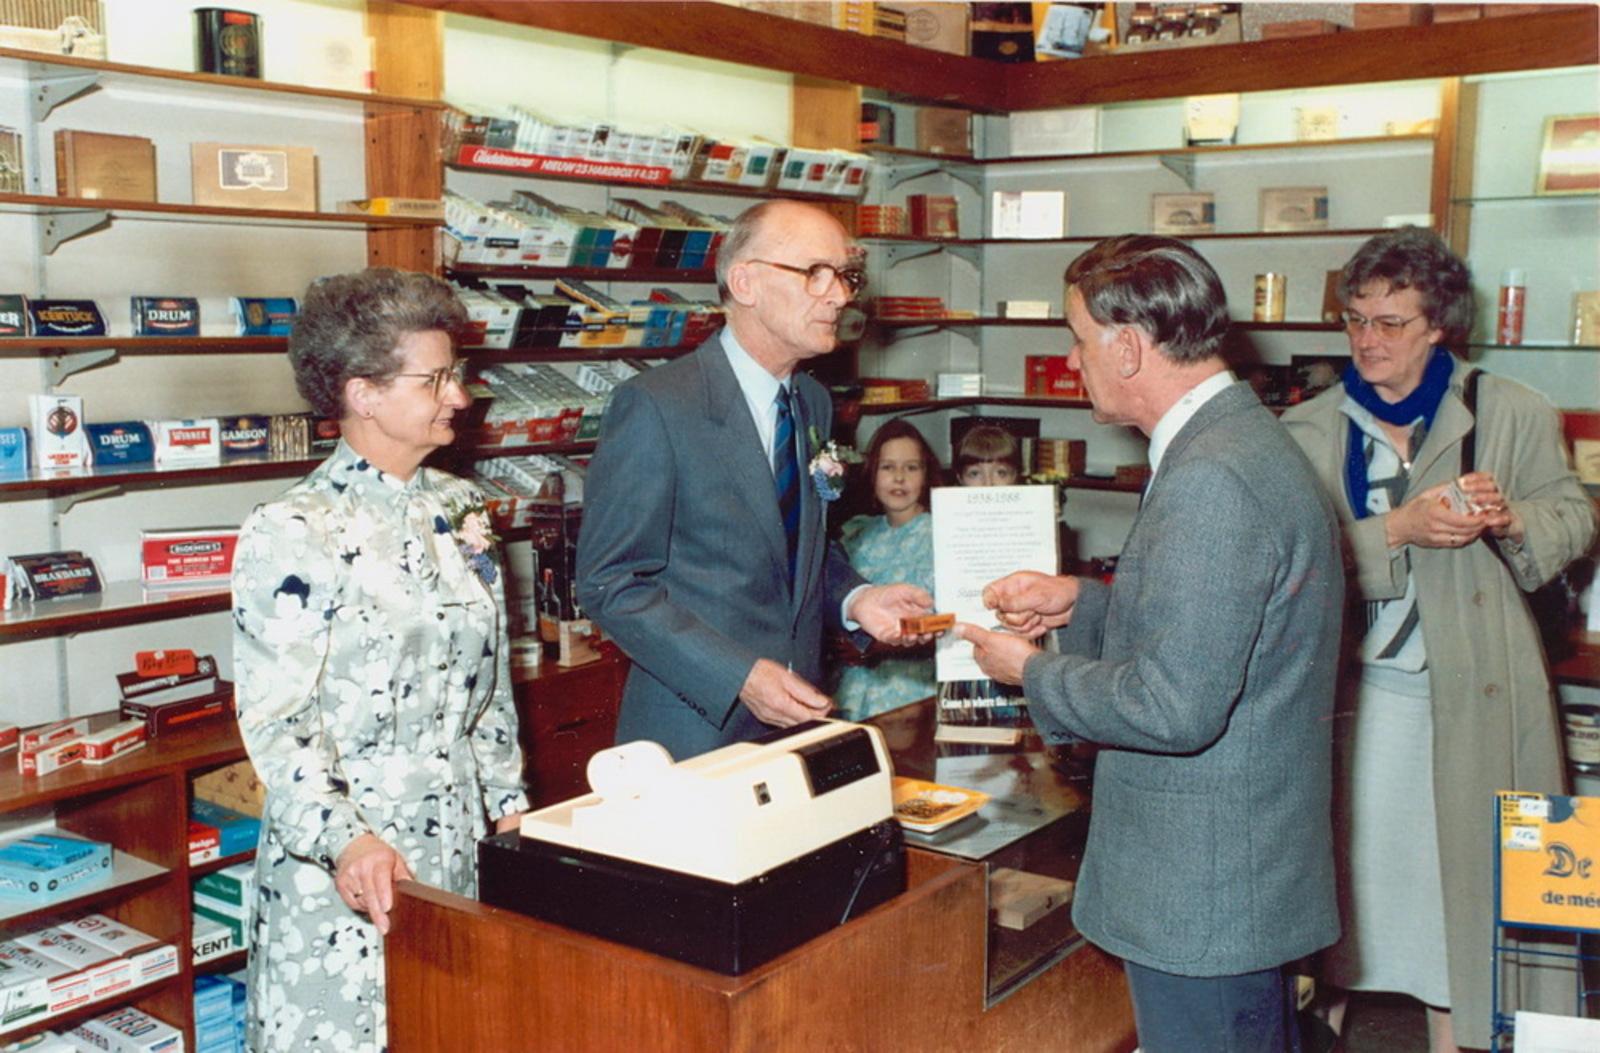 Marktlaan O 0022 1988 Sigarenboer Kraak 50jr Jub en Sluiting 12